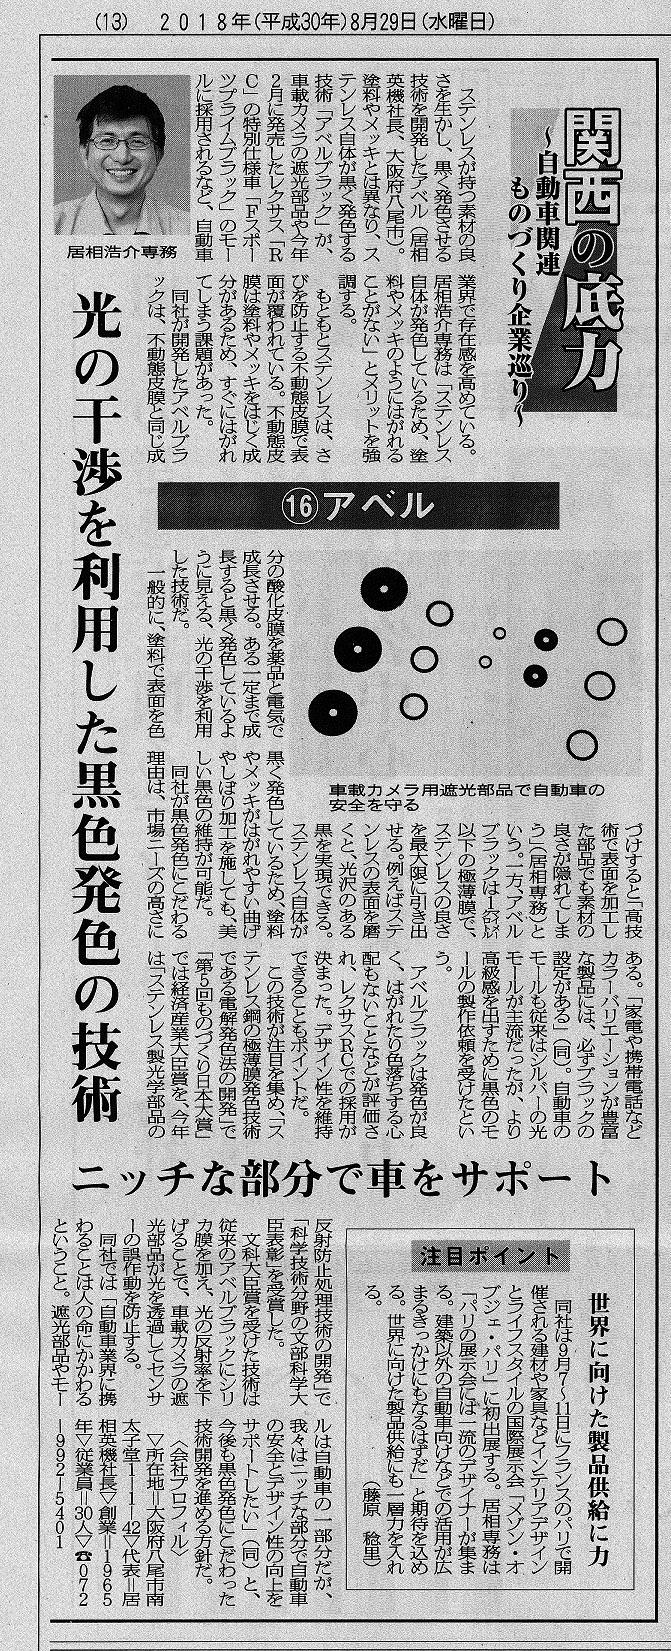 日刊自動車新聞(2018年8月29日)にアベルブラックが掲載されました。